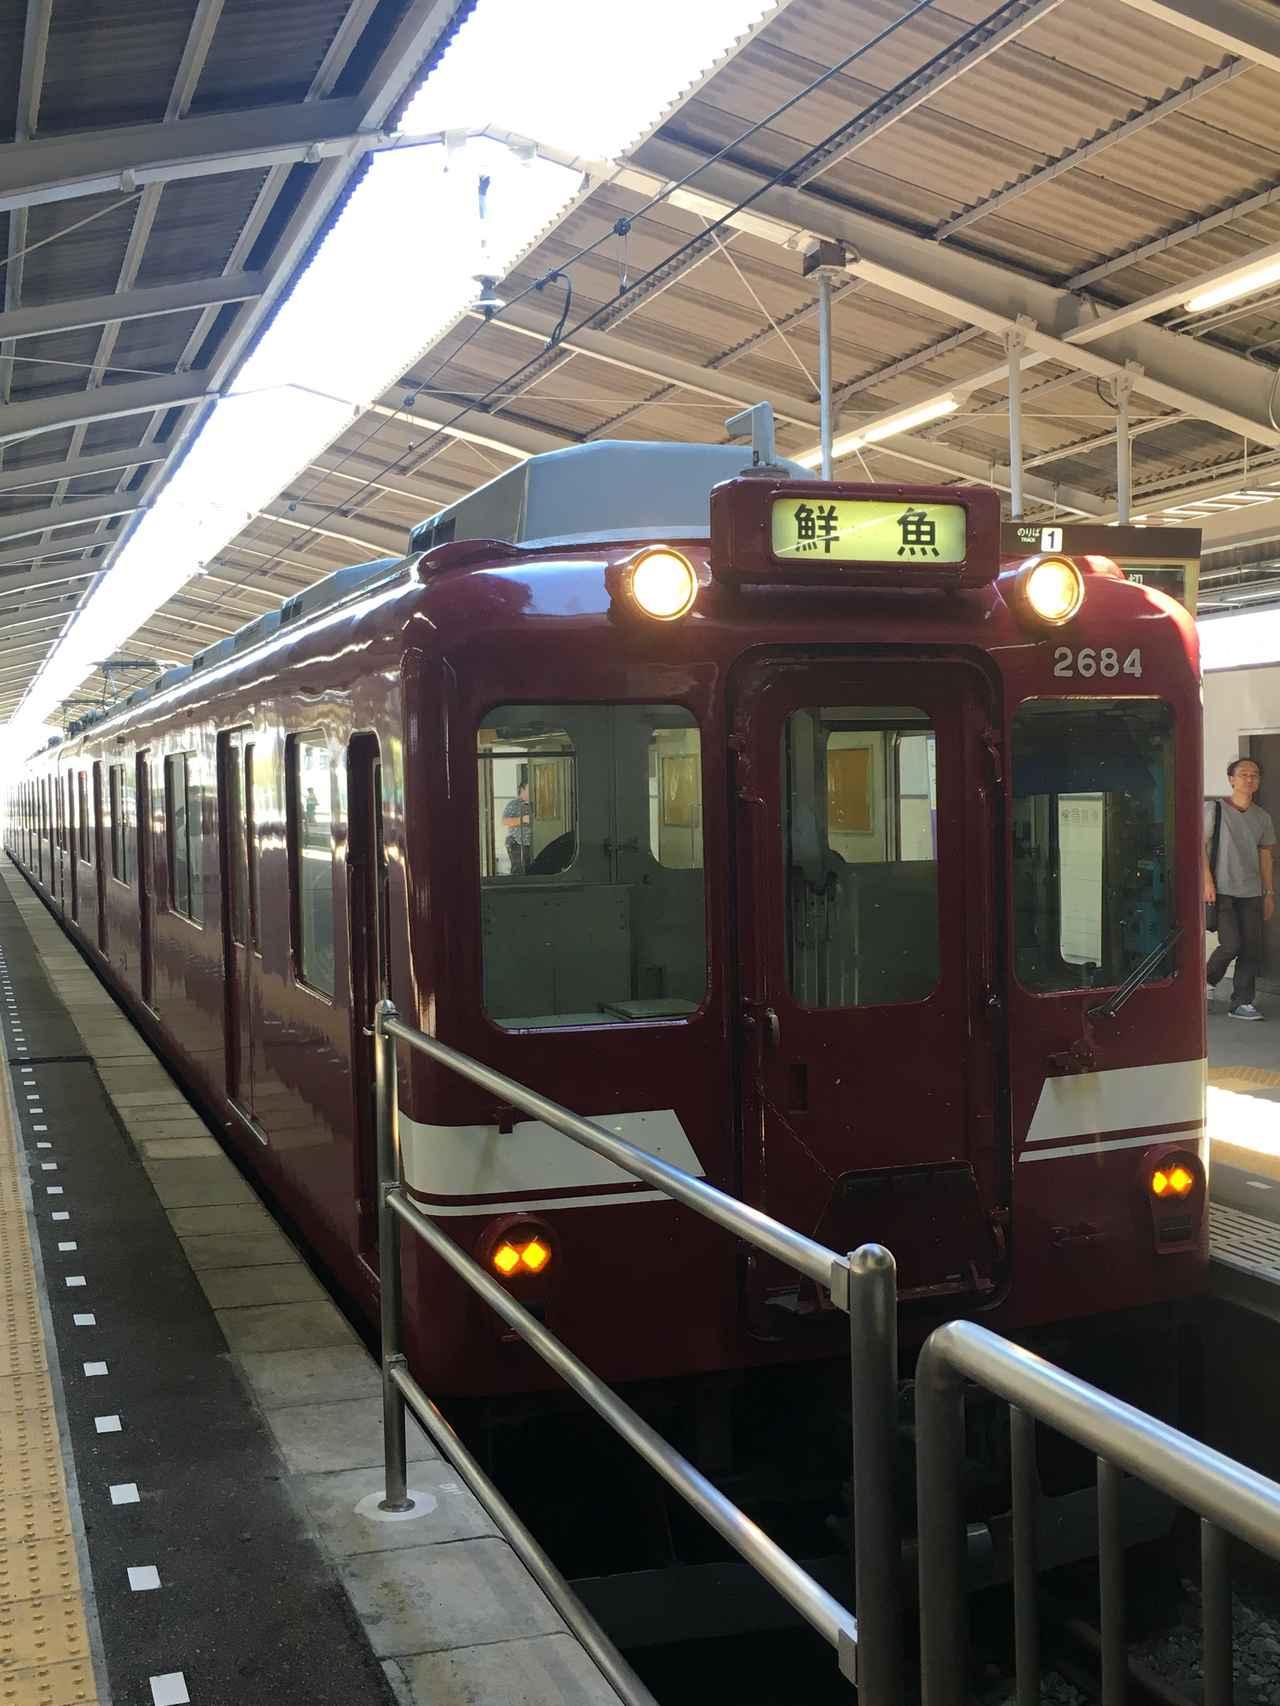 画像: 運行時には「貸切」幕でしたが、天理駅での扉開放時には「鮮魚」幕にしていただきました。